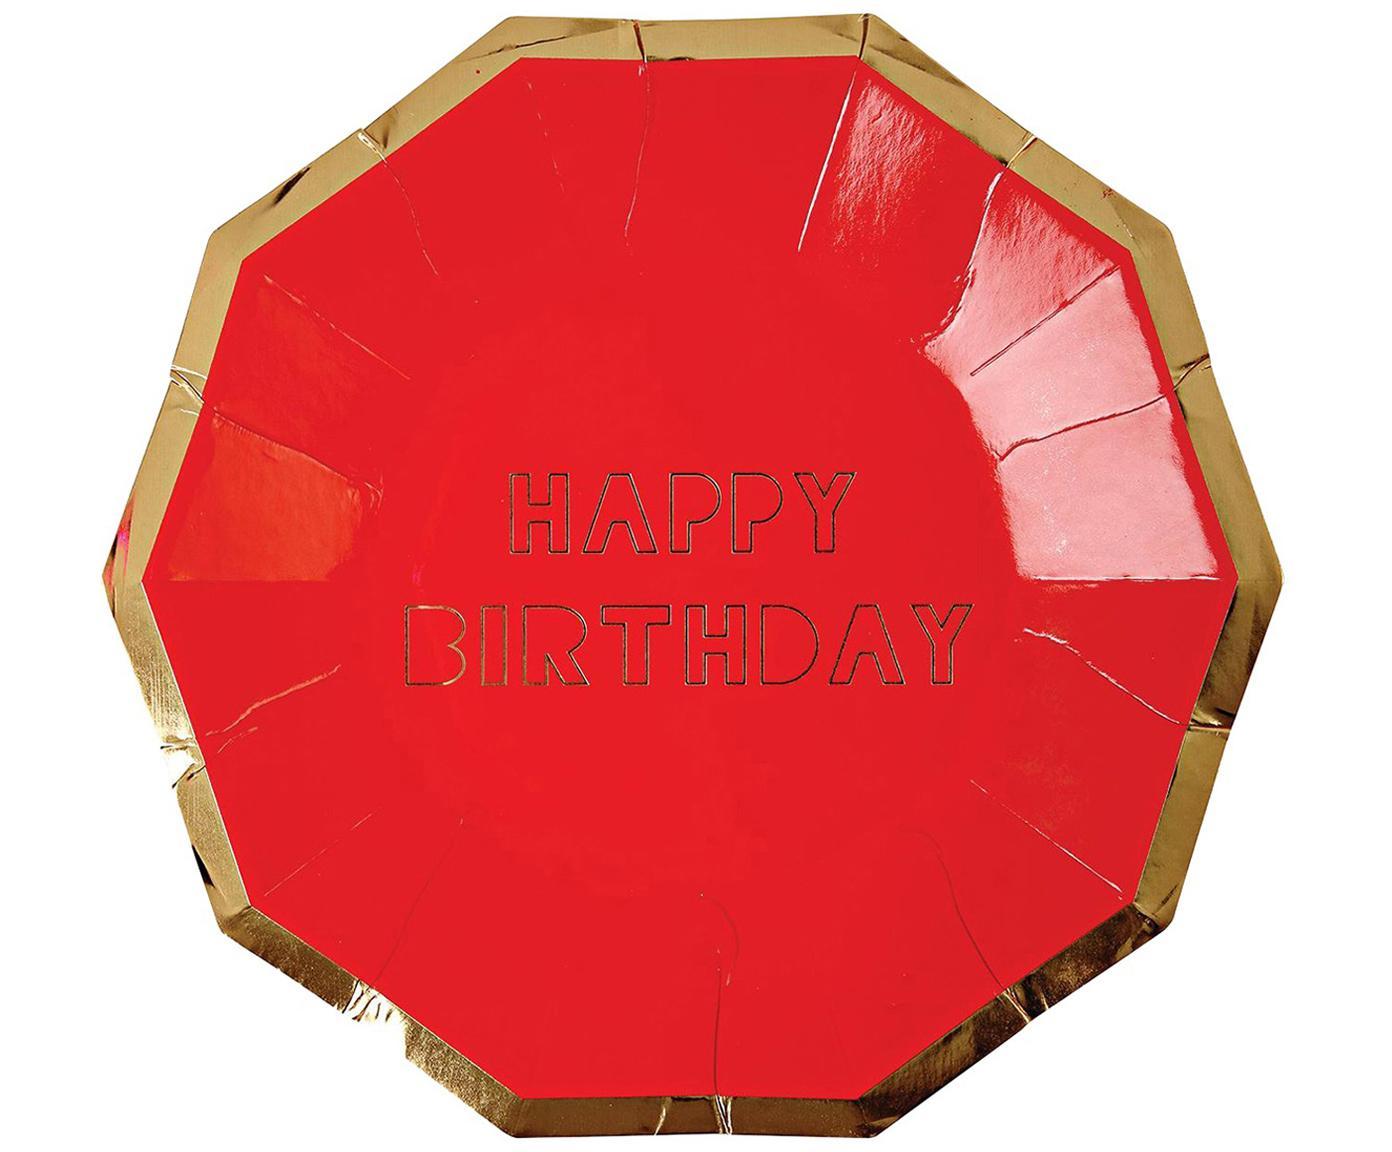 Papp-Teller Happy Birthday, 16 Stück, Papier, beschichtet, Rot, Goldfarben, 19 x 19 cm